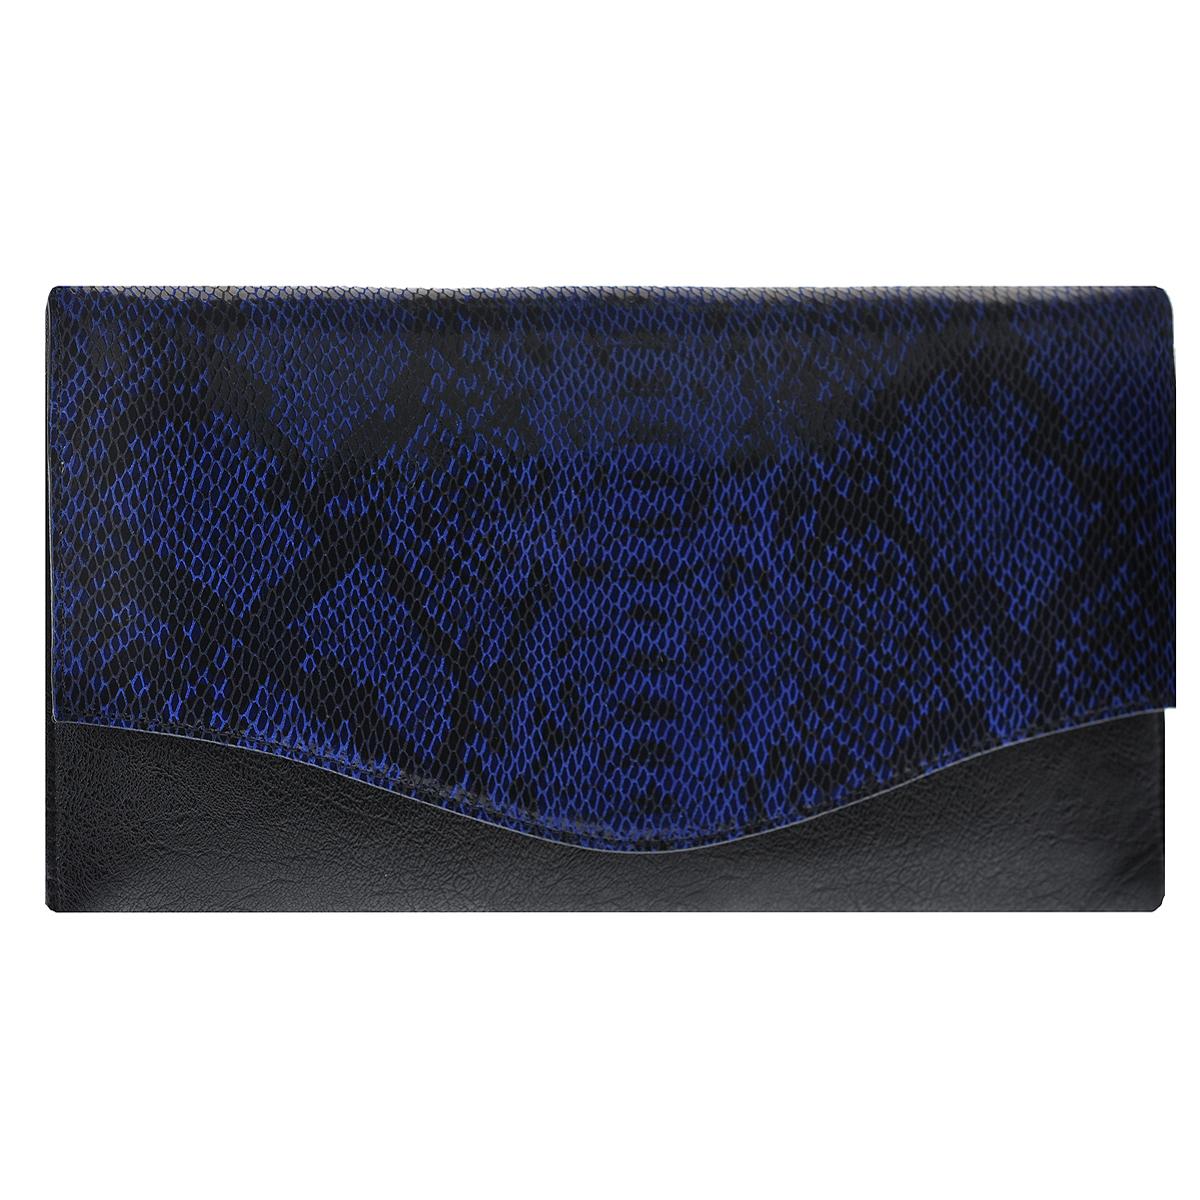 """Сумка женская """"Fancy bag"""", цвет: черный, синий. 8815В-60 Fancy'S Bag 8815В-60 синий"""